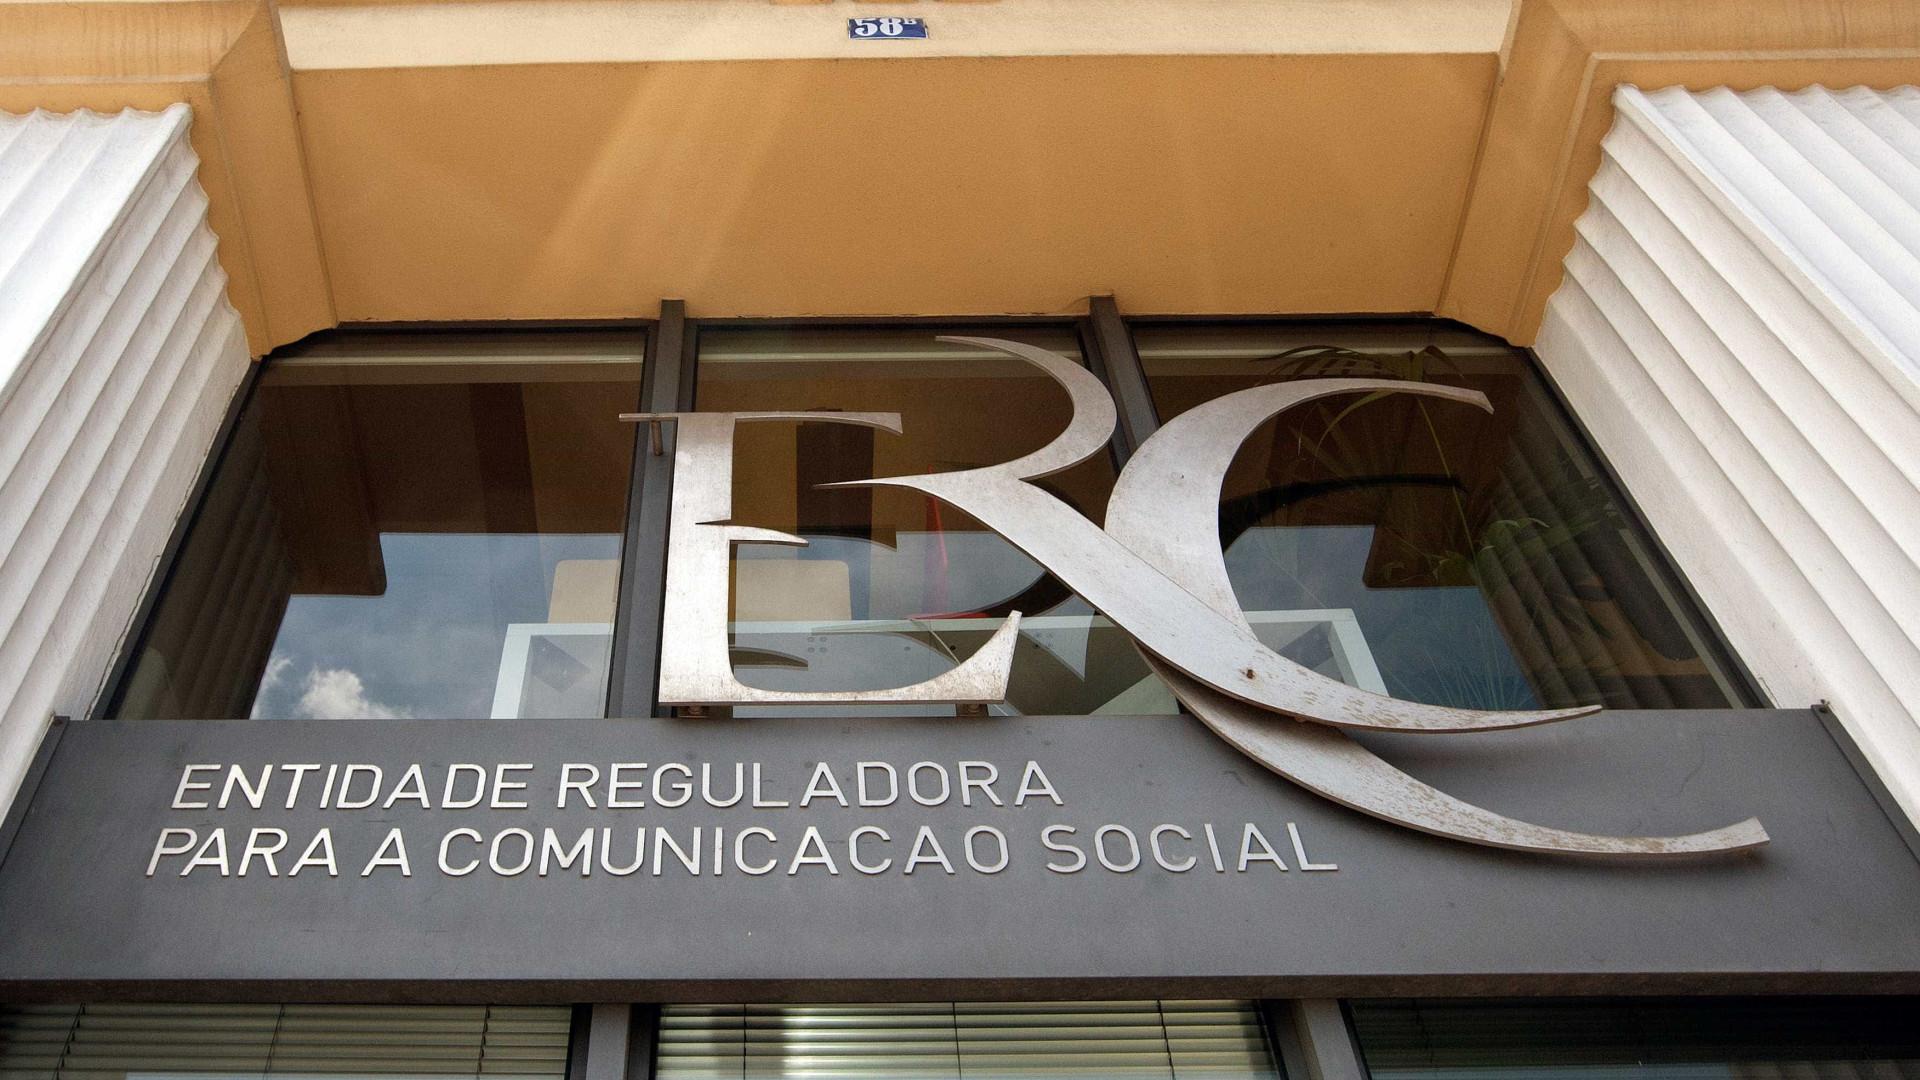 Altice/Media Capital: Negócio é gravemente lesivo do direito à informação